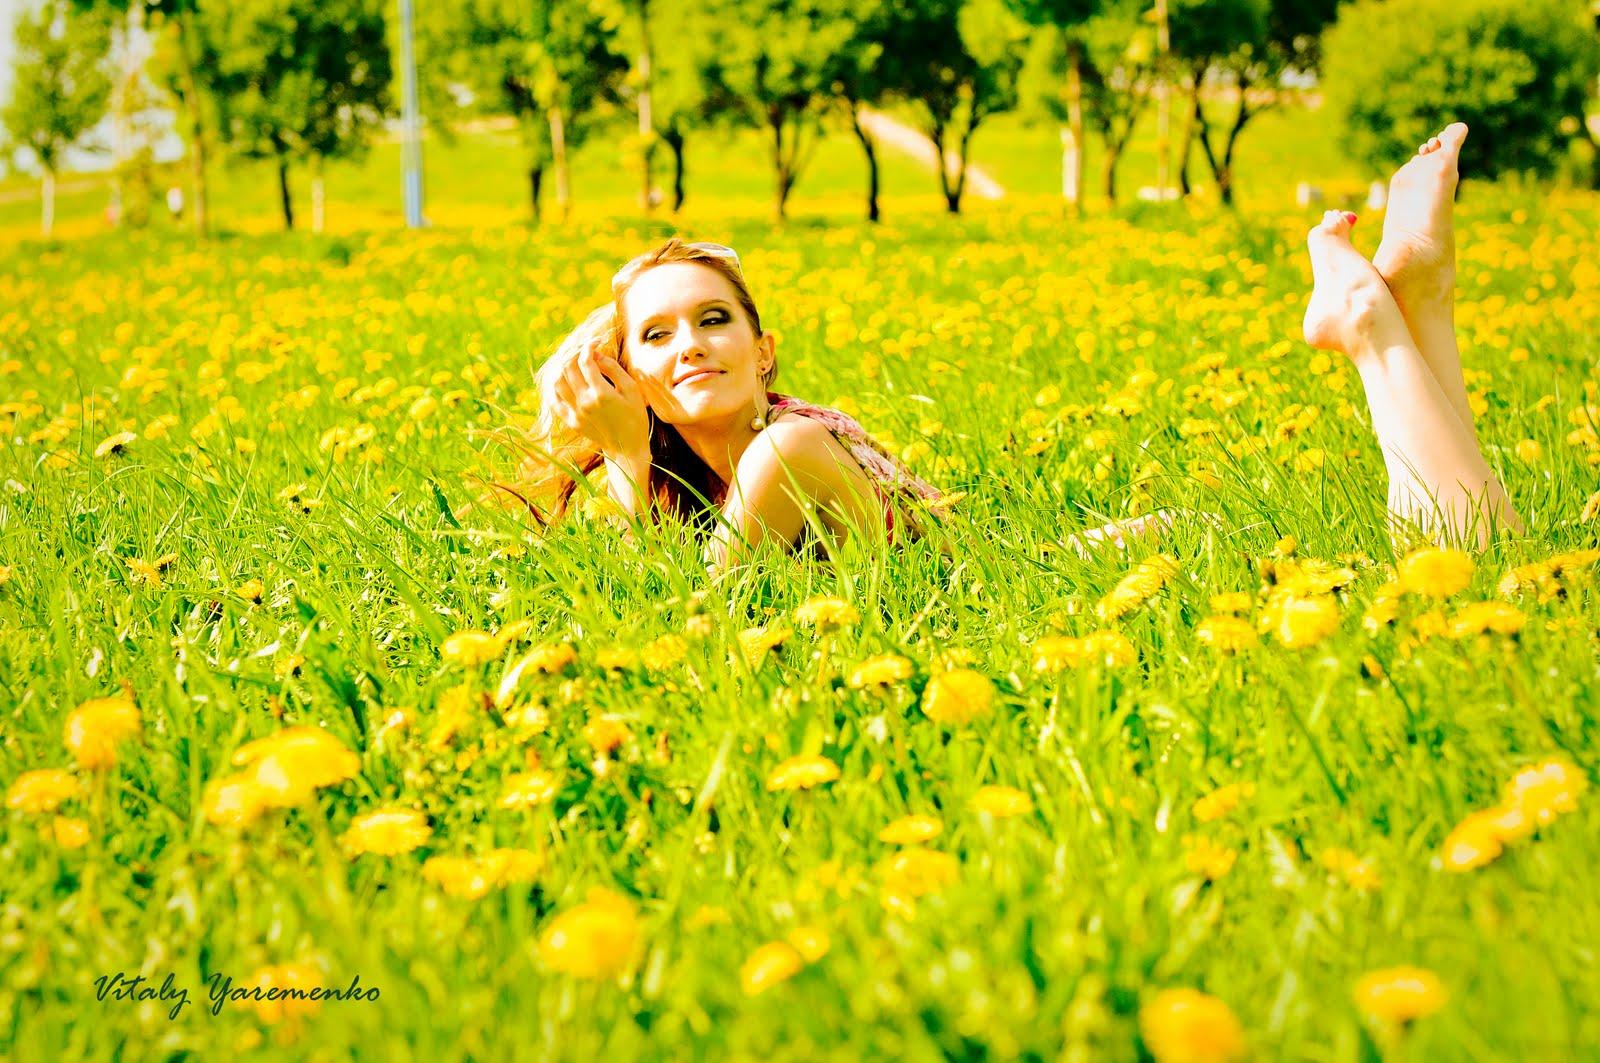 обои на рабочий стол, девушка, скачать фото, трава, лето